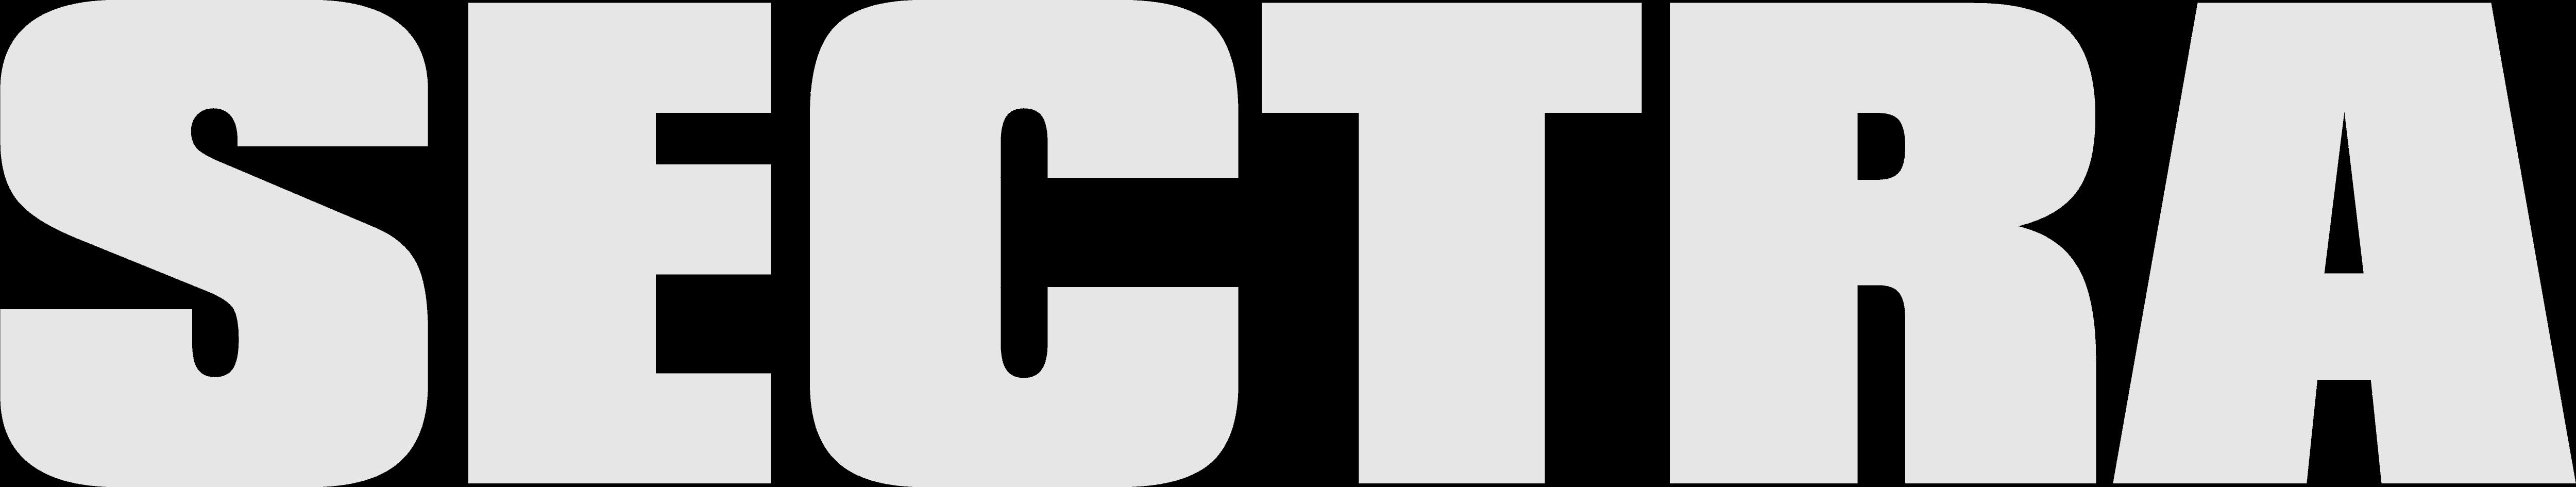 Sectra Logos Download